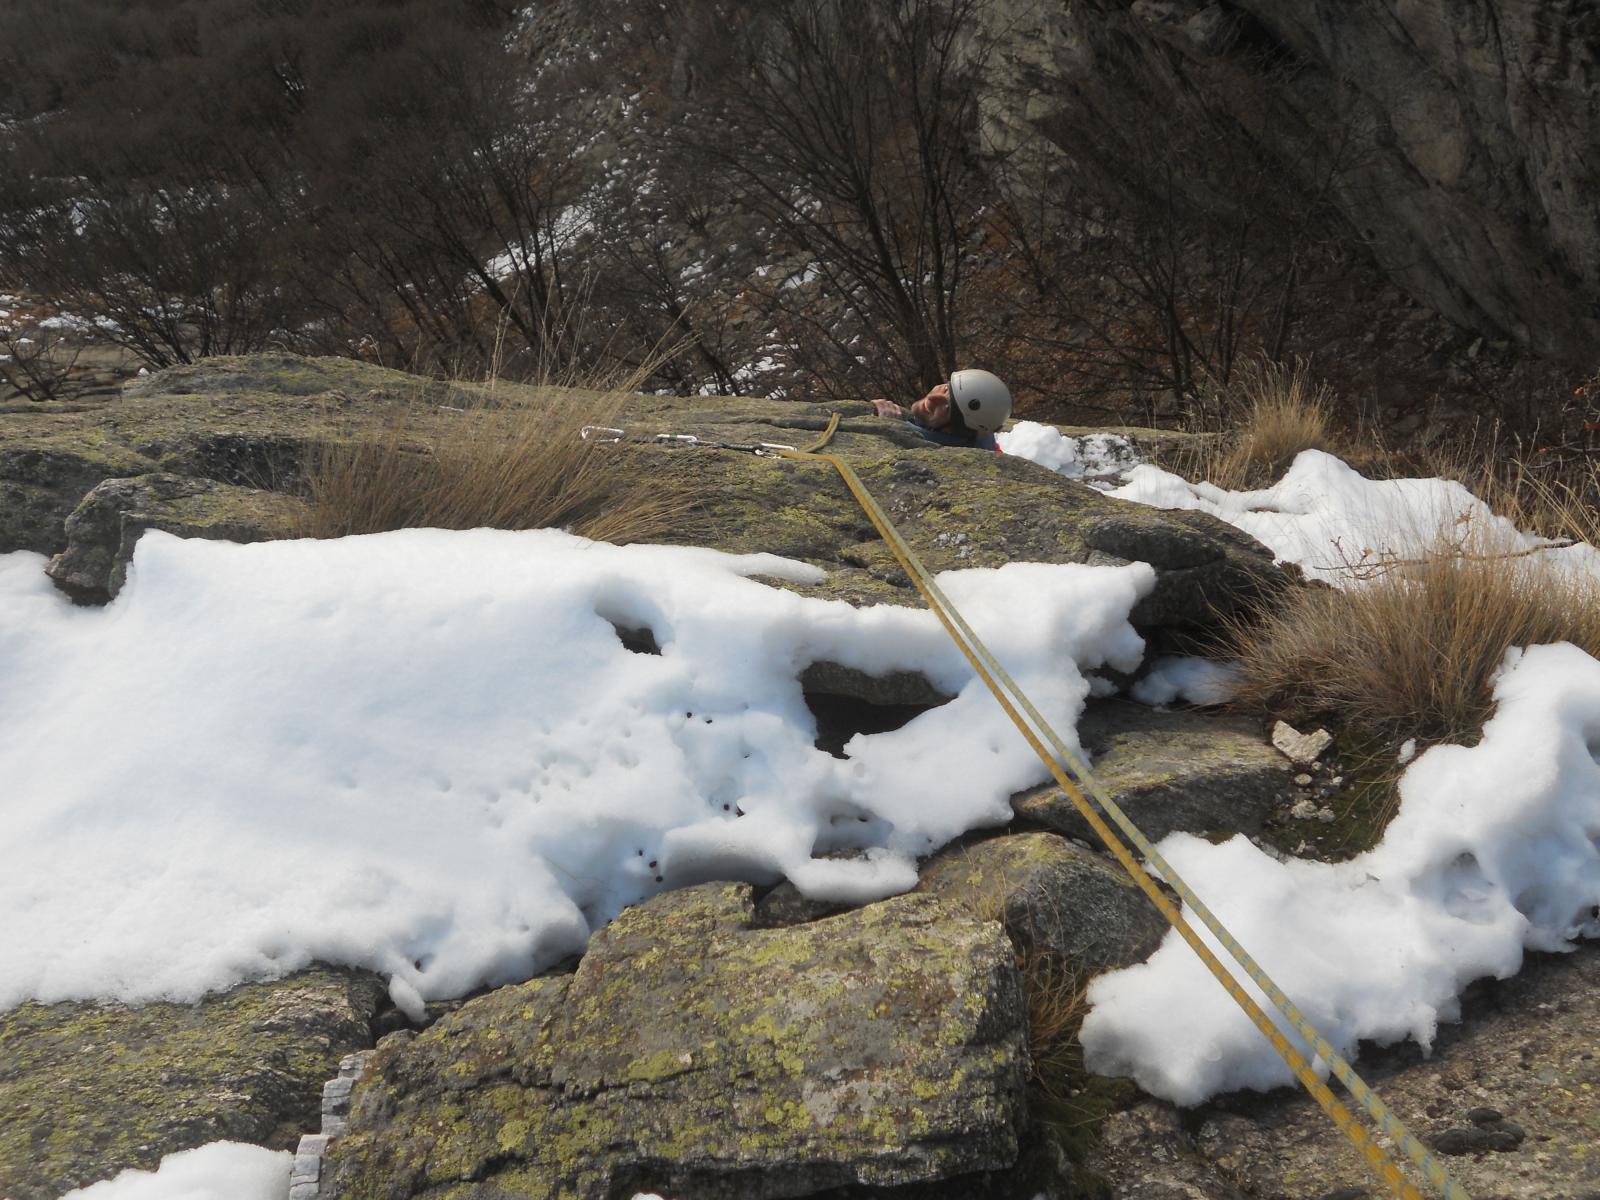 L6: l'Alpino emerge dal buco